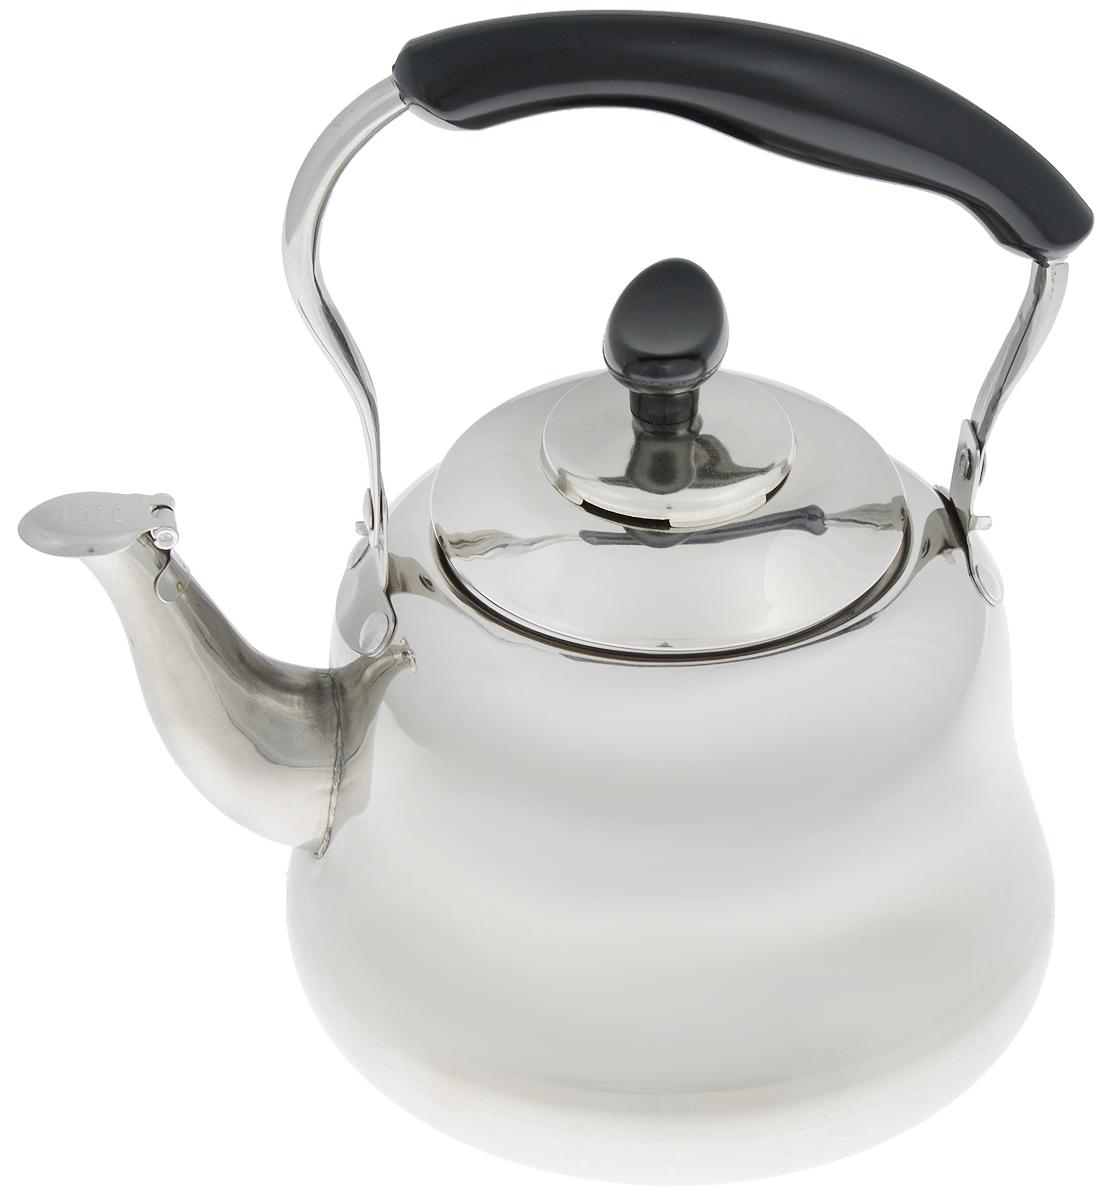 Чайник Mayer & Boch, со свистком и фильтром, 1,5 л. 2351294672Чайник Mayer & Boch изготовлен из высококачественнойнержавеющей стали. Он оснащен подвижной ручкой из стали сбакелитовой накладкой, что делает использование чайника оченьудобным и безопасным. Крышка снабжена свистком, позволяяконтролировать процесс подогрева или кипячения воды.Также имеется фильтр из нержавеющей стали. Эстетичный и функциональный чайникбудет оригинально смотреться в любом интерьере. Подходит для электрических, газовых и стеклокерамических плит. Можно мыть впосудомоечной машине.Высота чайника (без учета ручки и крышки): 11 см.Высота чайника (с учетом ручки и крышки): 21 см.Диаметр чайника (по верхнему краю): 9 см.